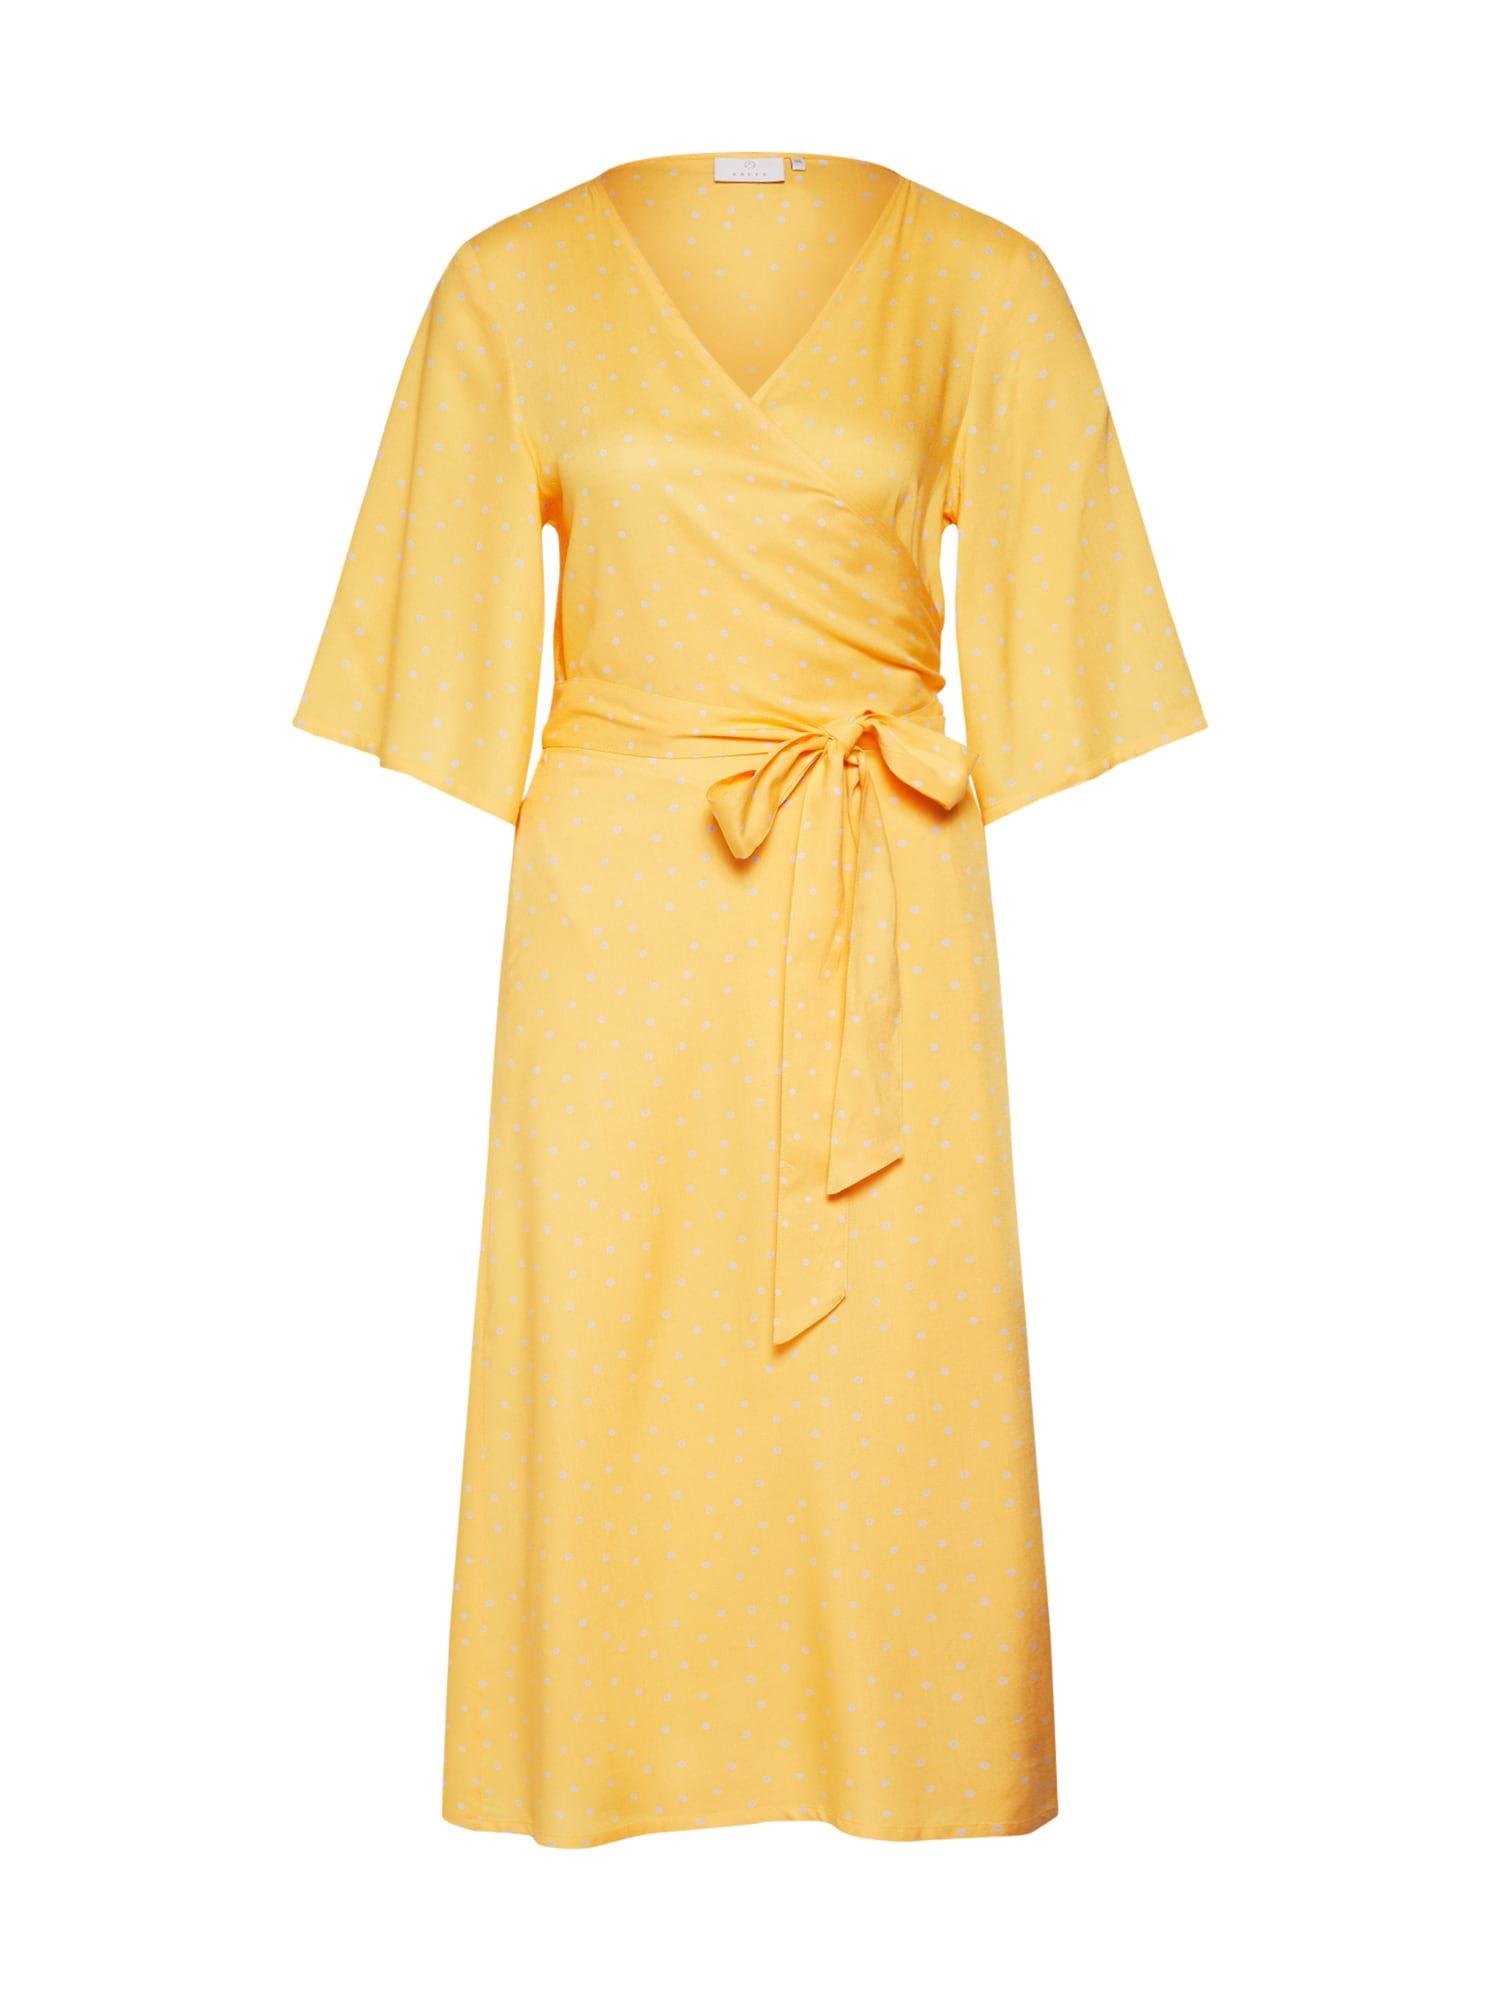 Letní šaty Isabel žlutá stříbrná Kaffe